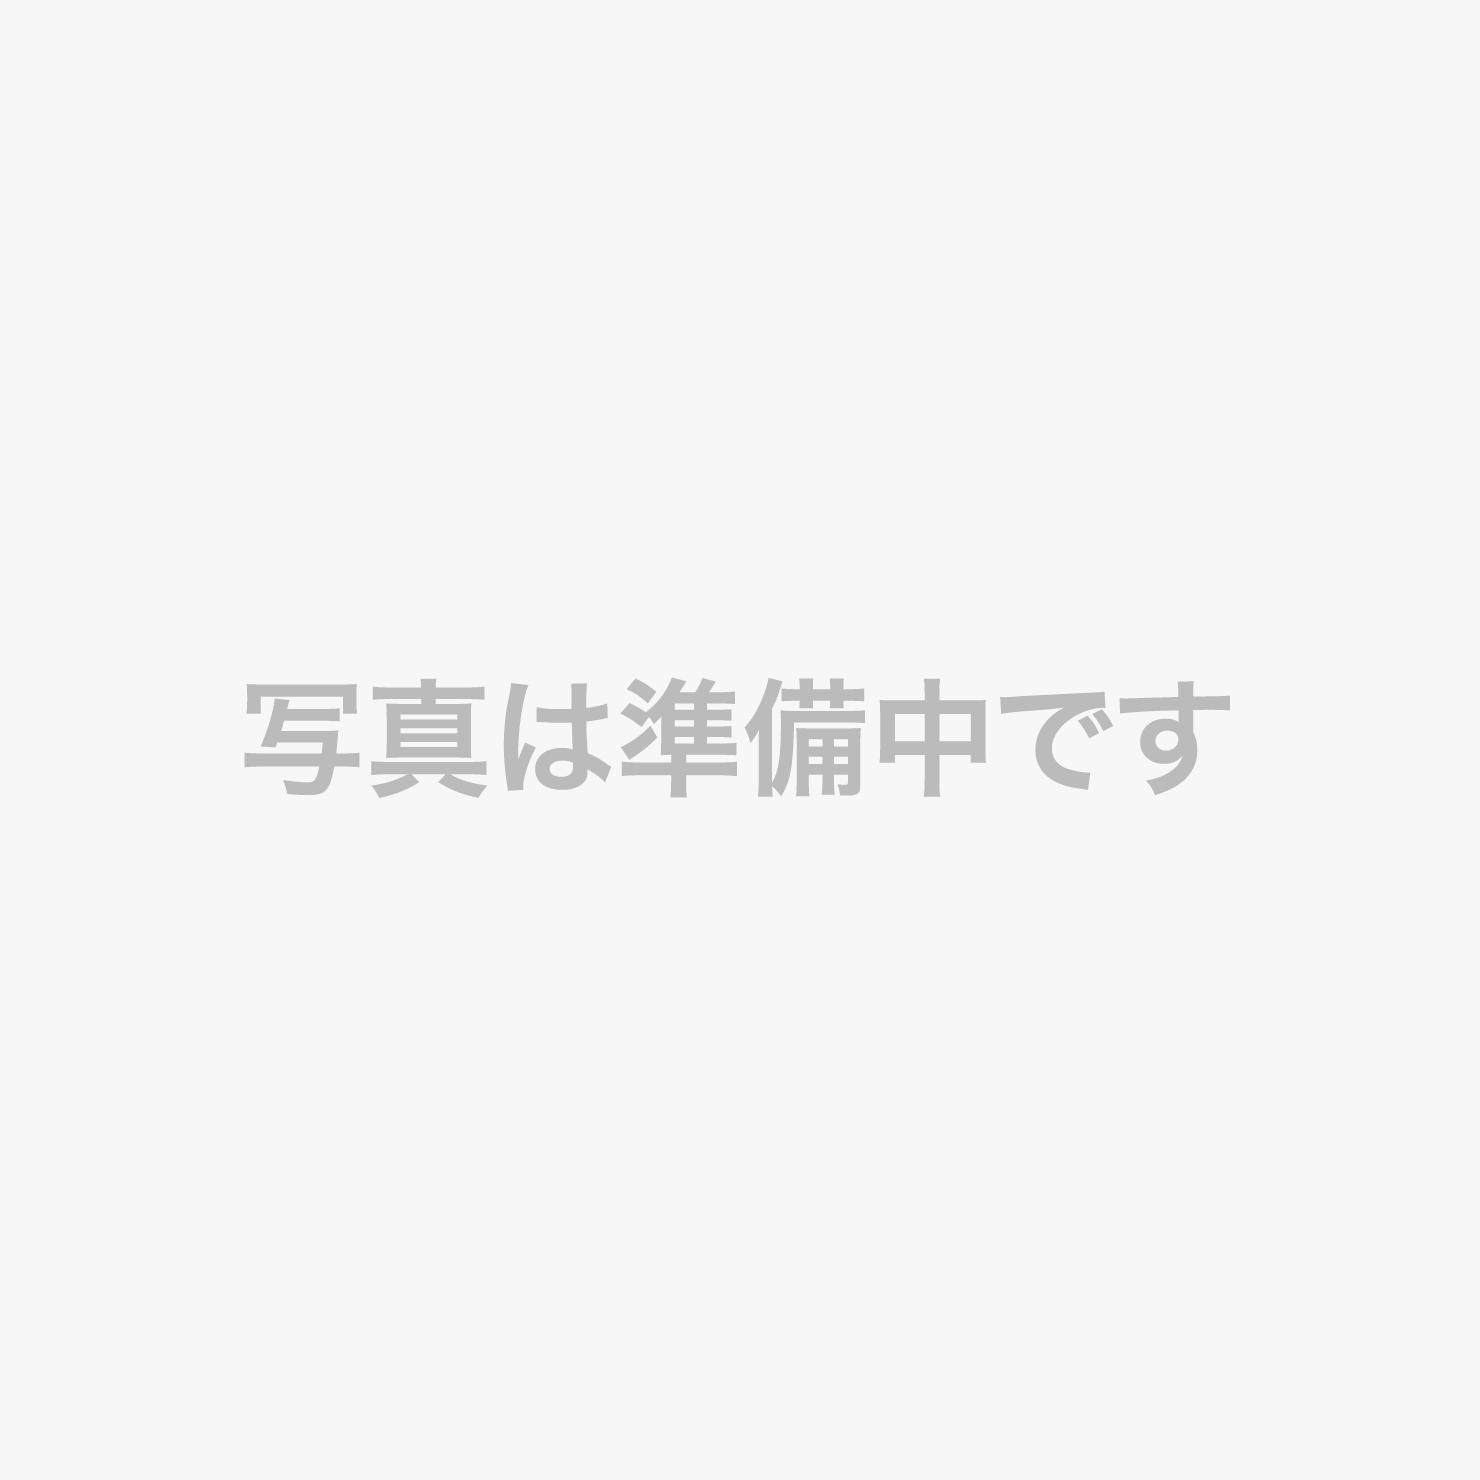 ホテルモントレ京都では、和食・洋食を取り合わせたブッフェ形式の朝食をご用意しております。 ●営業時間 7:00~9:30(ラストオーダー) ※当ホテルで使用しているお米は全て国産米です。朝食(ビュッフェスタイル) ¥2,600